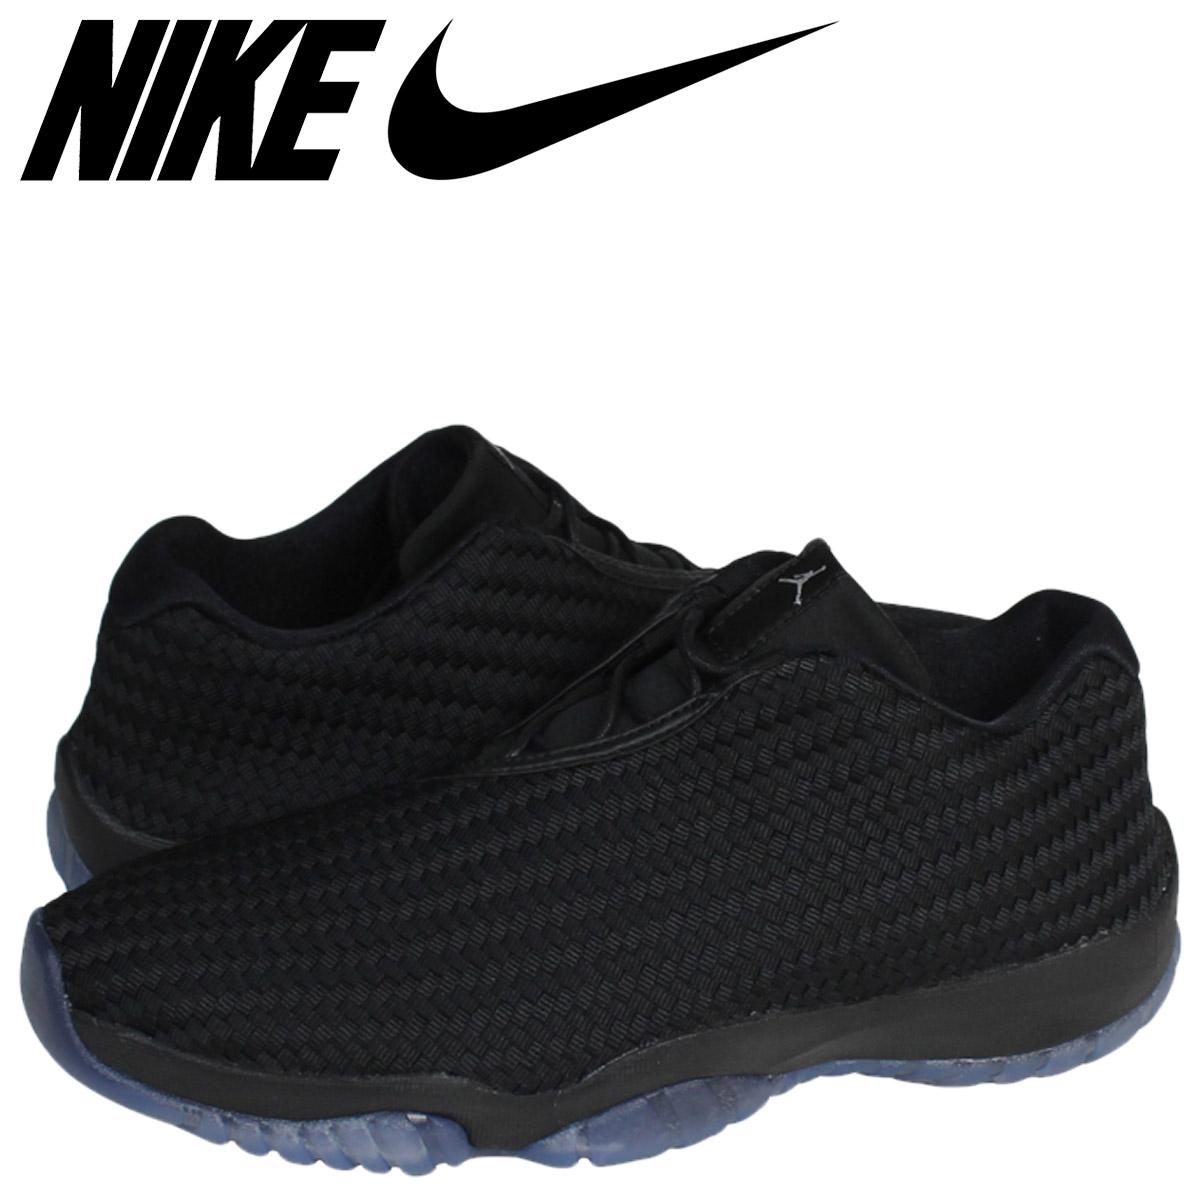 d2ffe06265ff60 ALLSPORTS   SOLD OUT   No 29 cm lid  Nike NIKE Air Jordan sneakers AIR  JORDAN FUTURE LOW Air Jordan future rows 718948-005 black mens